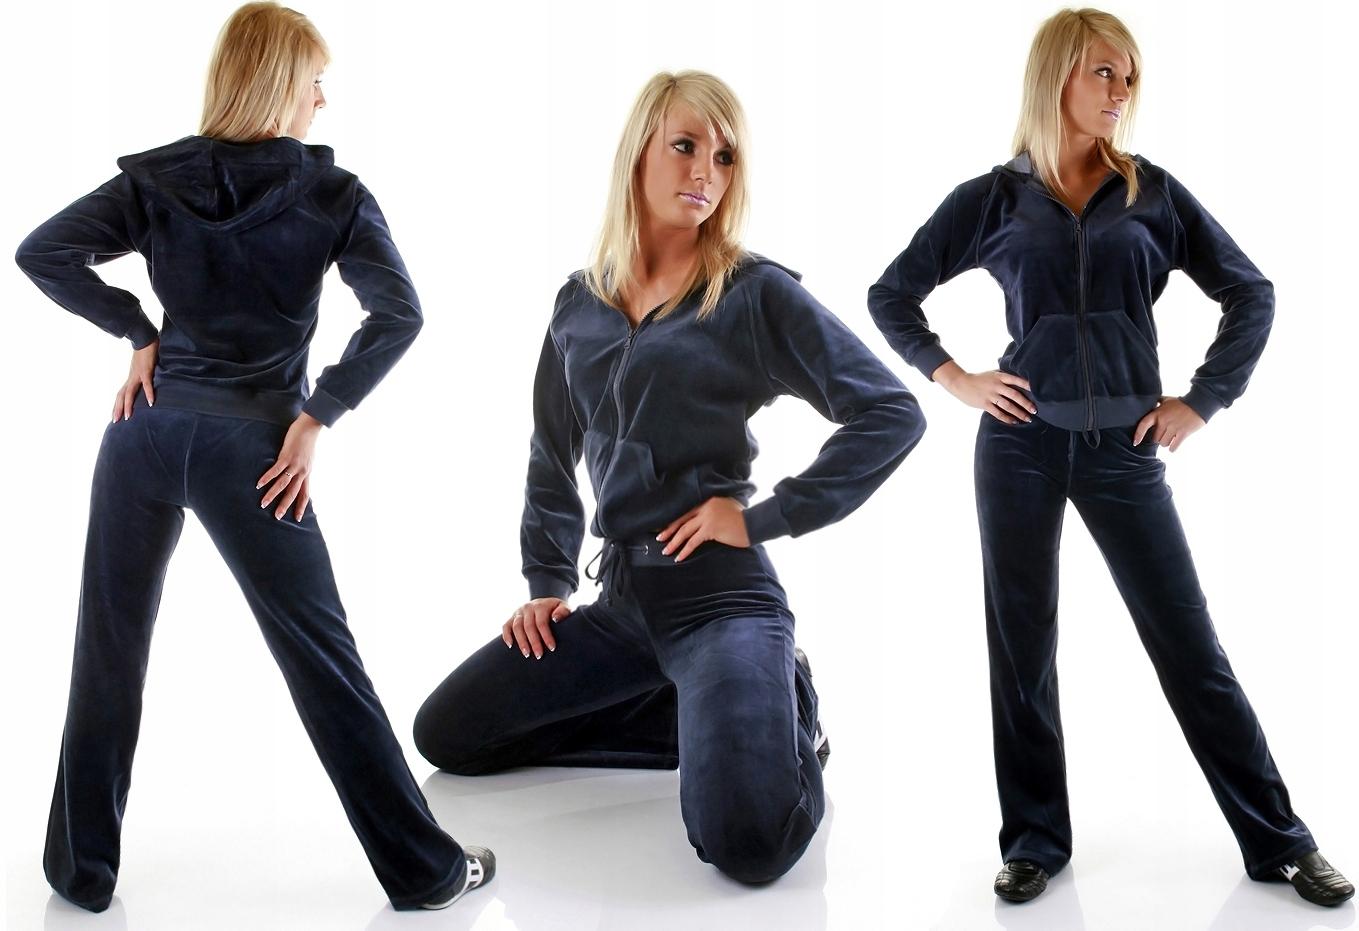 69c61183 Спортивные костюмы женские велюровые - спортивный костюм женский хром 3XL